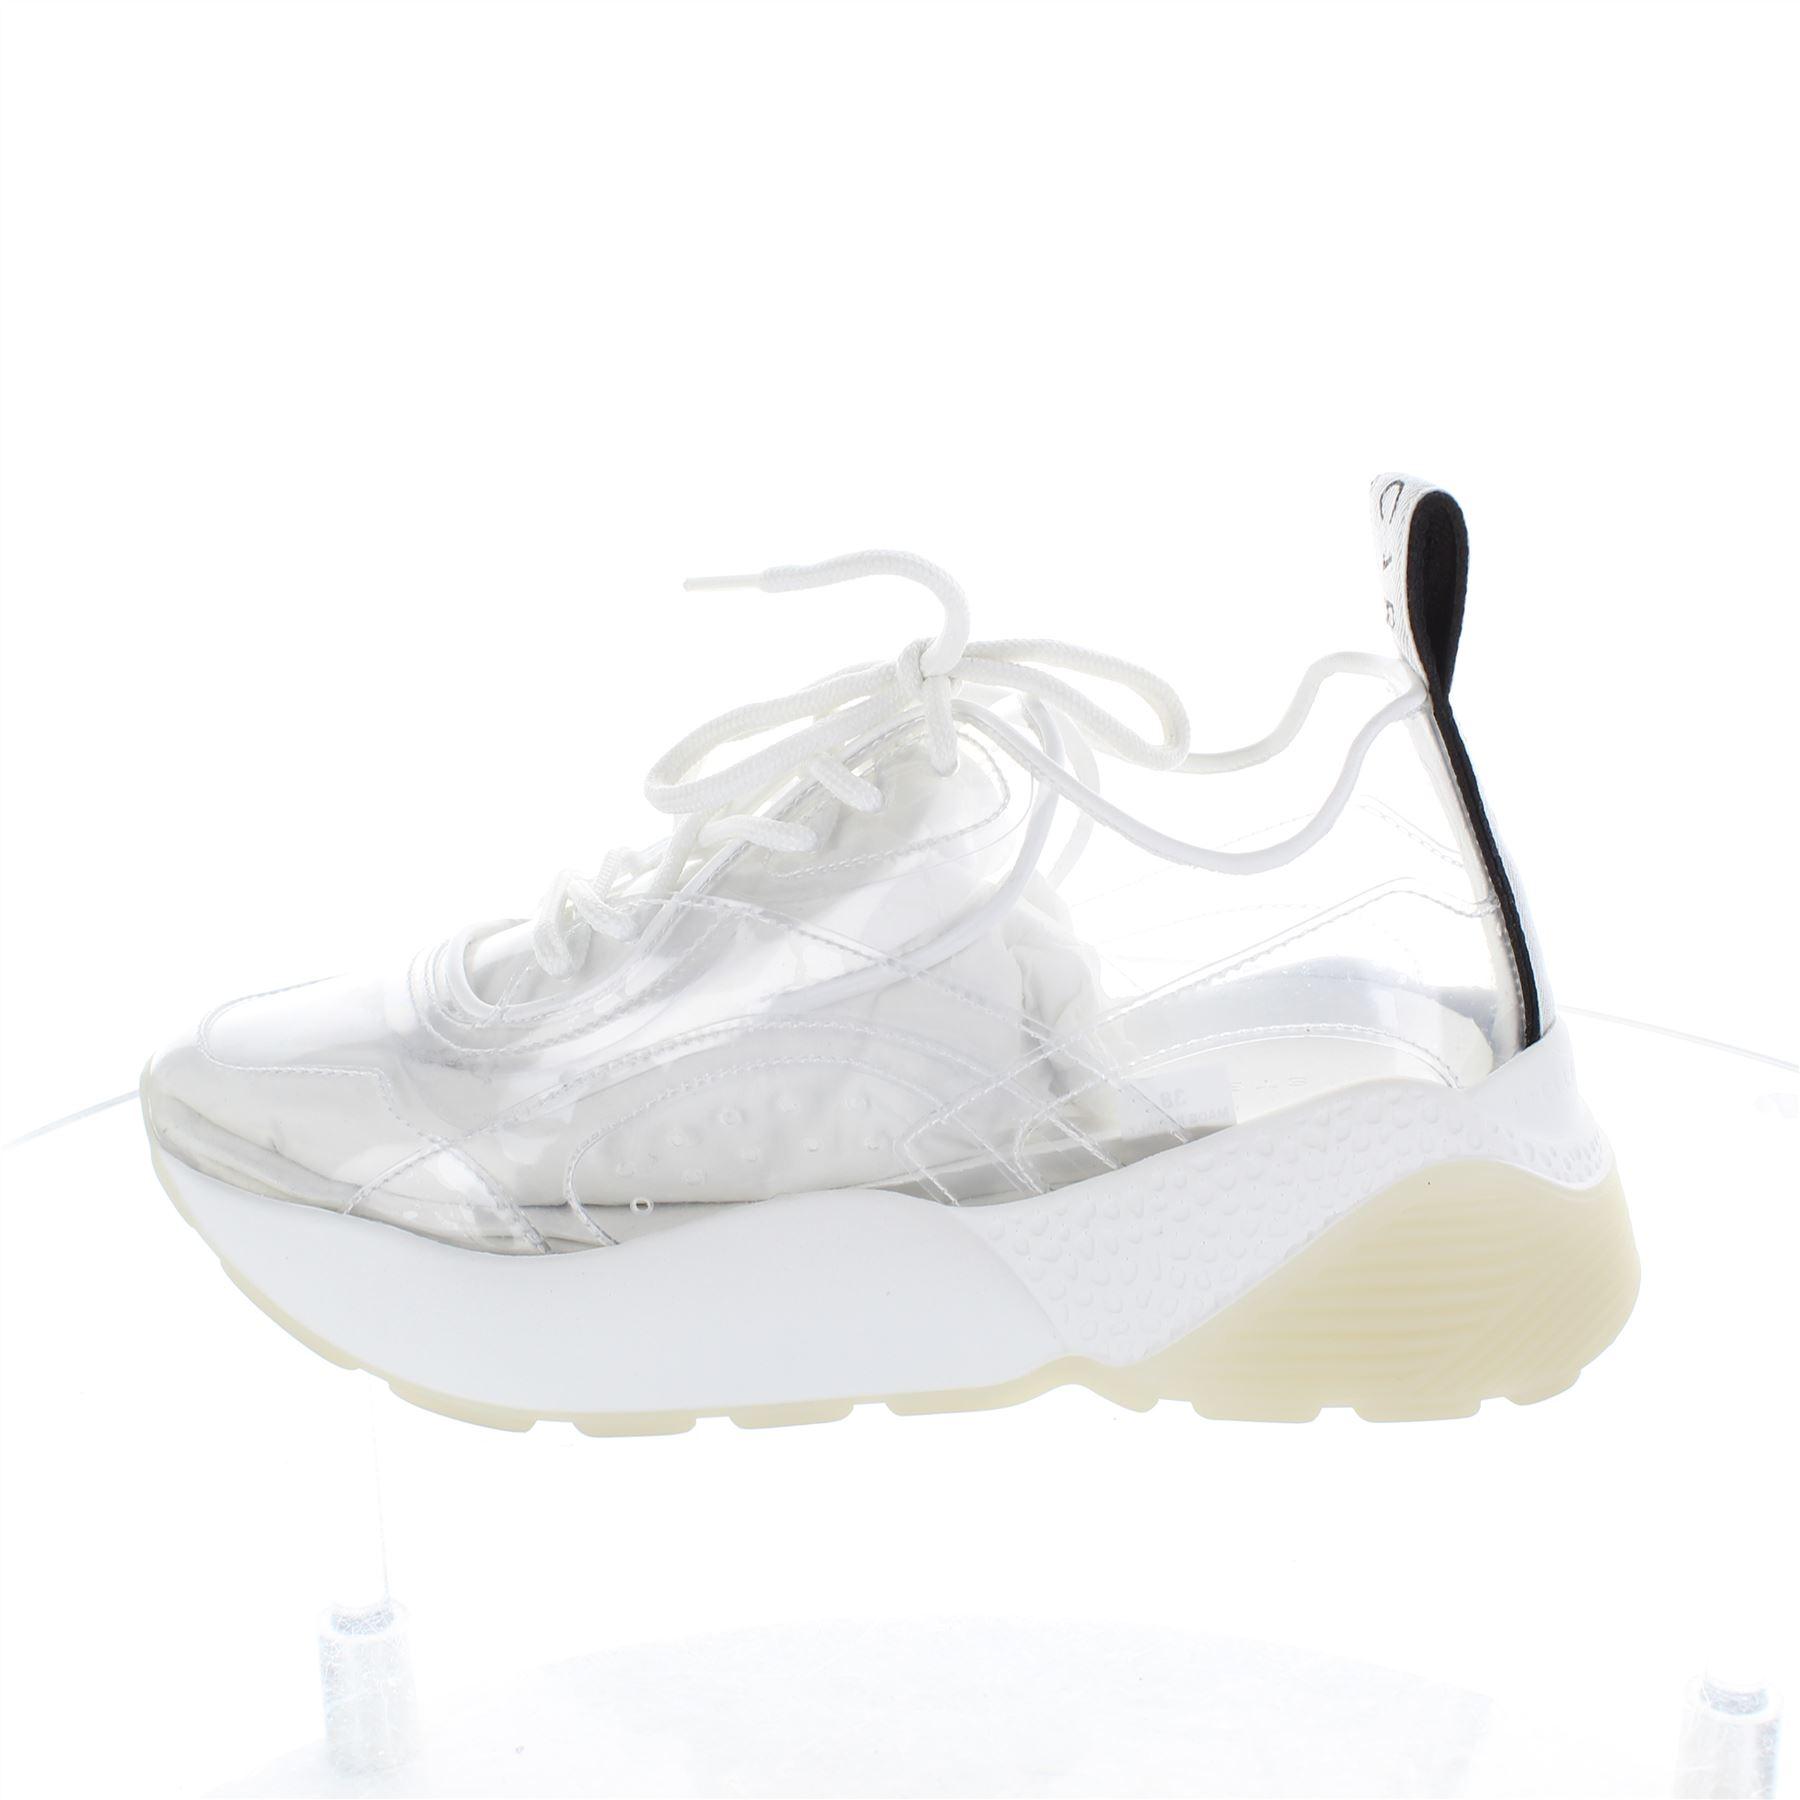 e9cd15e88f Dettagli su STELLA Mccartney Eclypse Sneaker Pizzo Scarpe Bianche, UK 6 US  8 EU 38- mostra il titolo originale